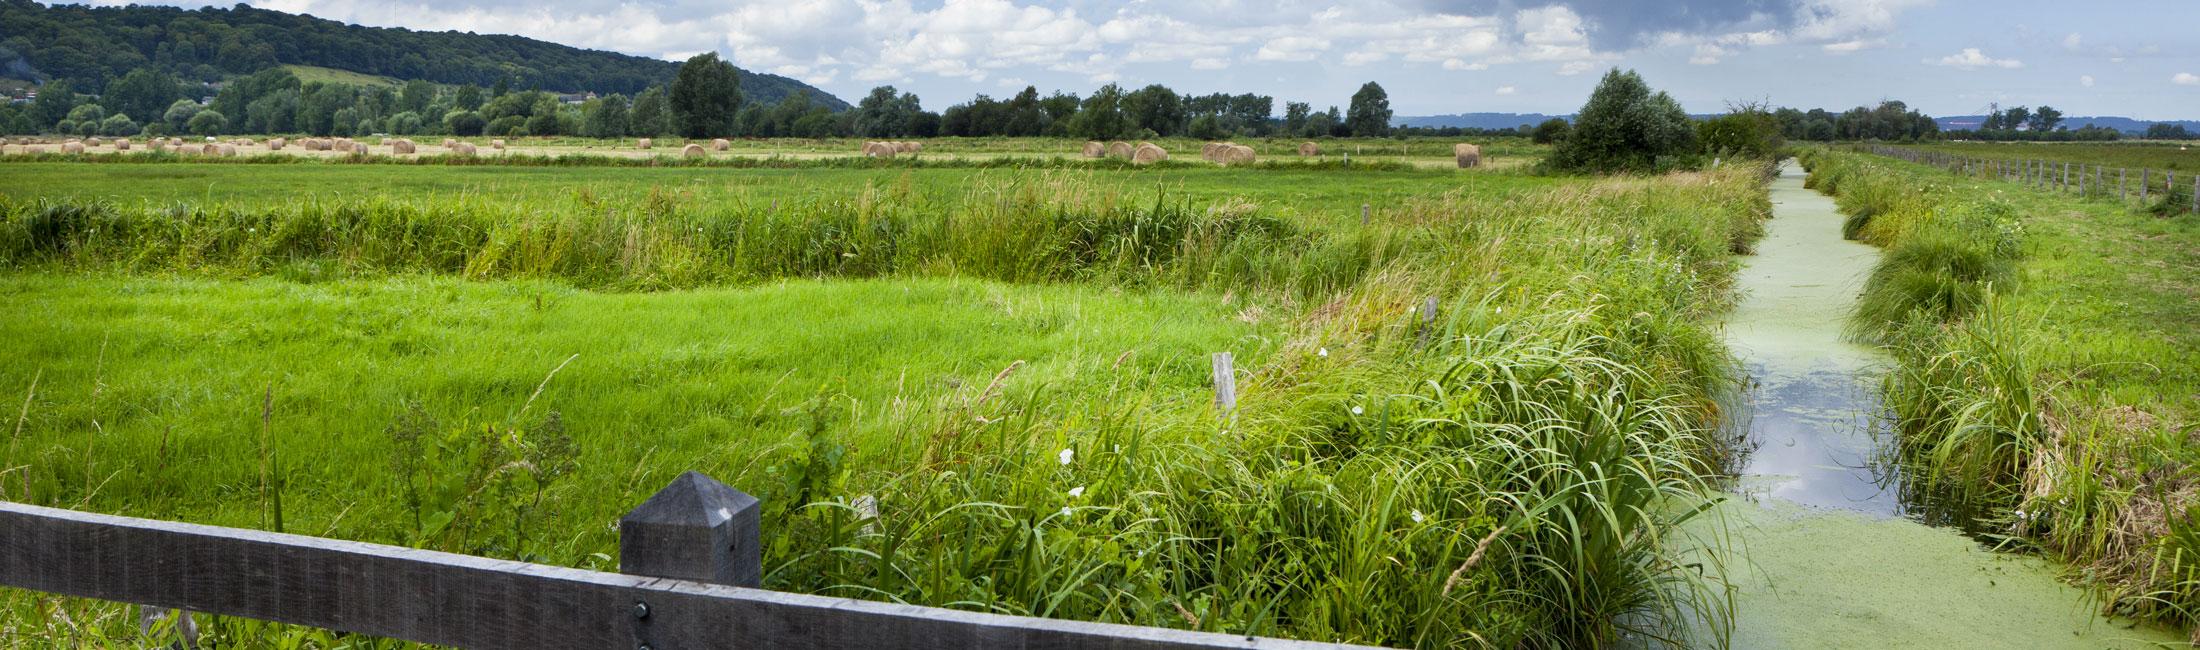 Collecte des déchets verts   Calendrier 2019 -Collecte des végétaux  Reprise de la collecte des déchets verts dans le centre bourg de 1